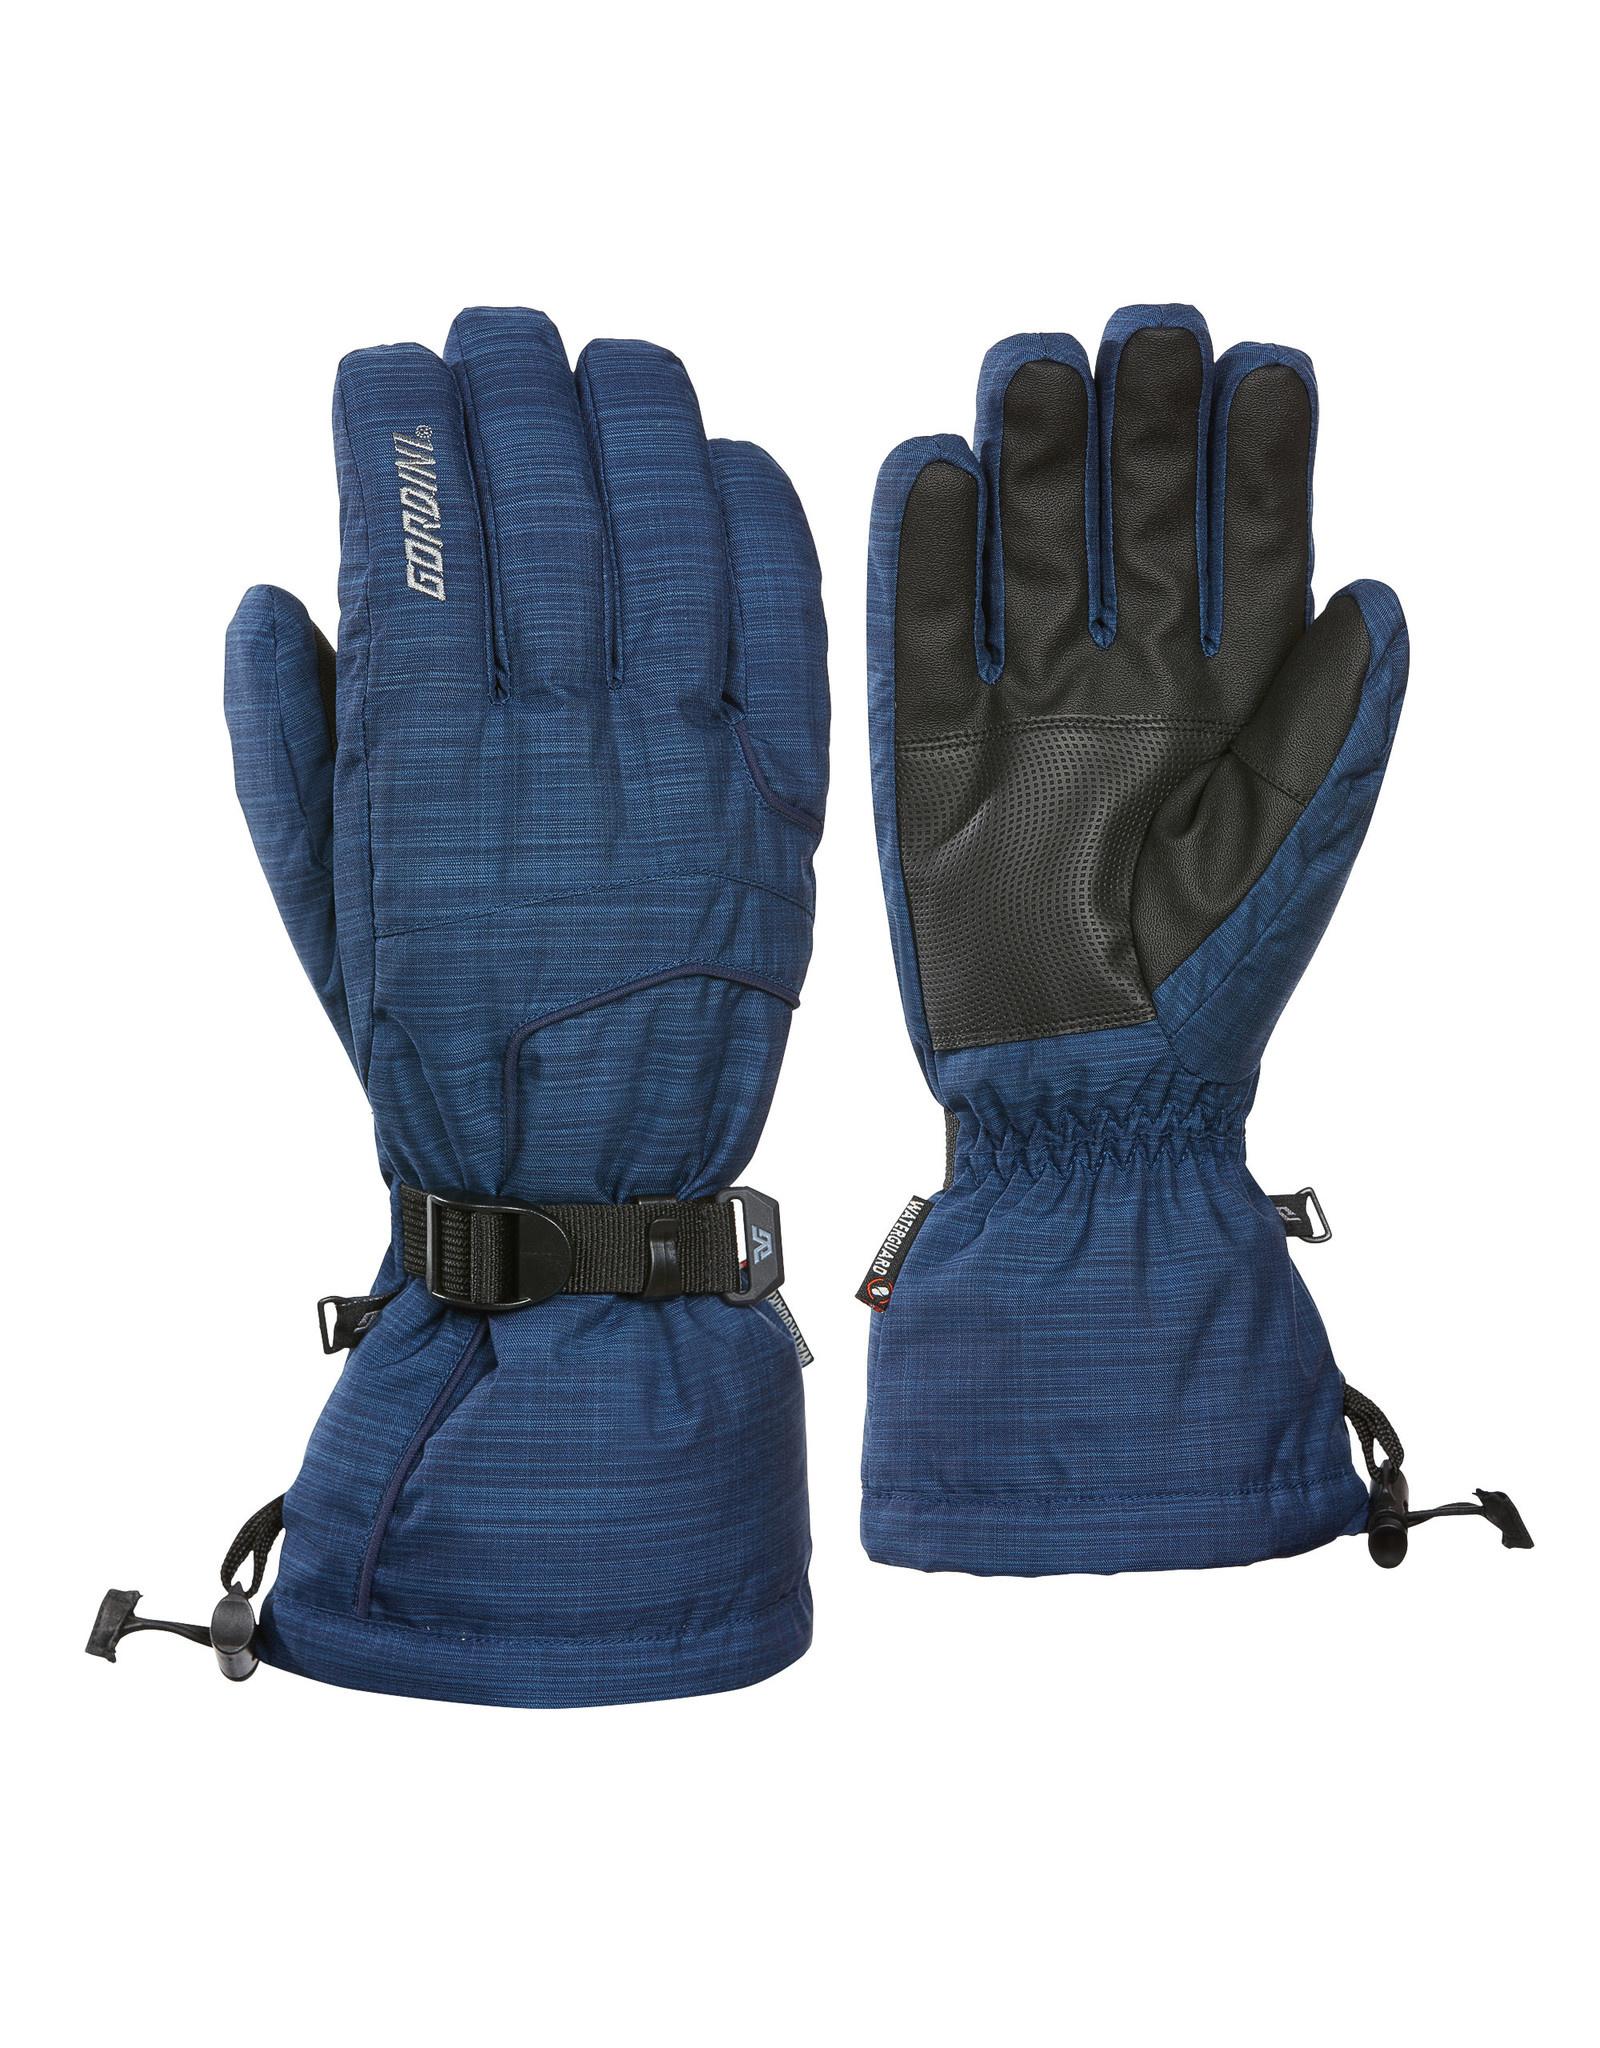 Shuttle Men's Glove